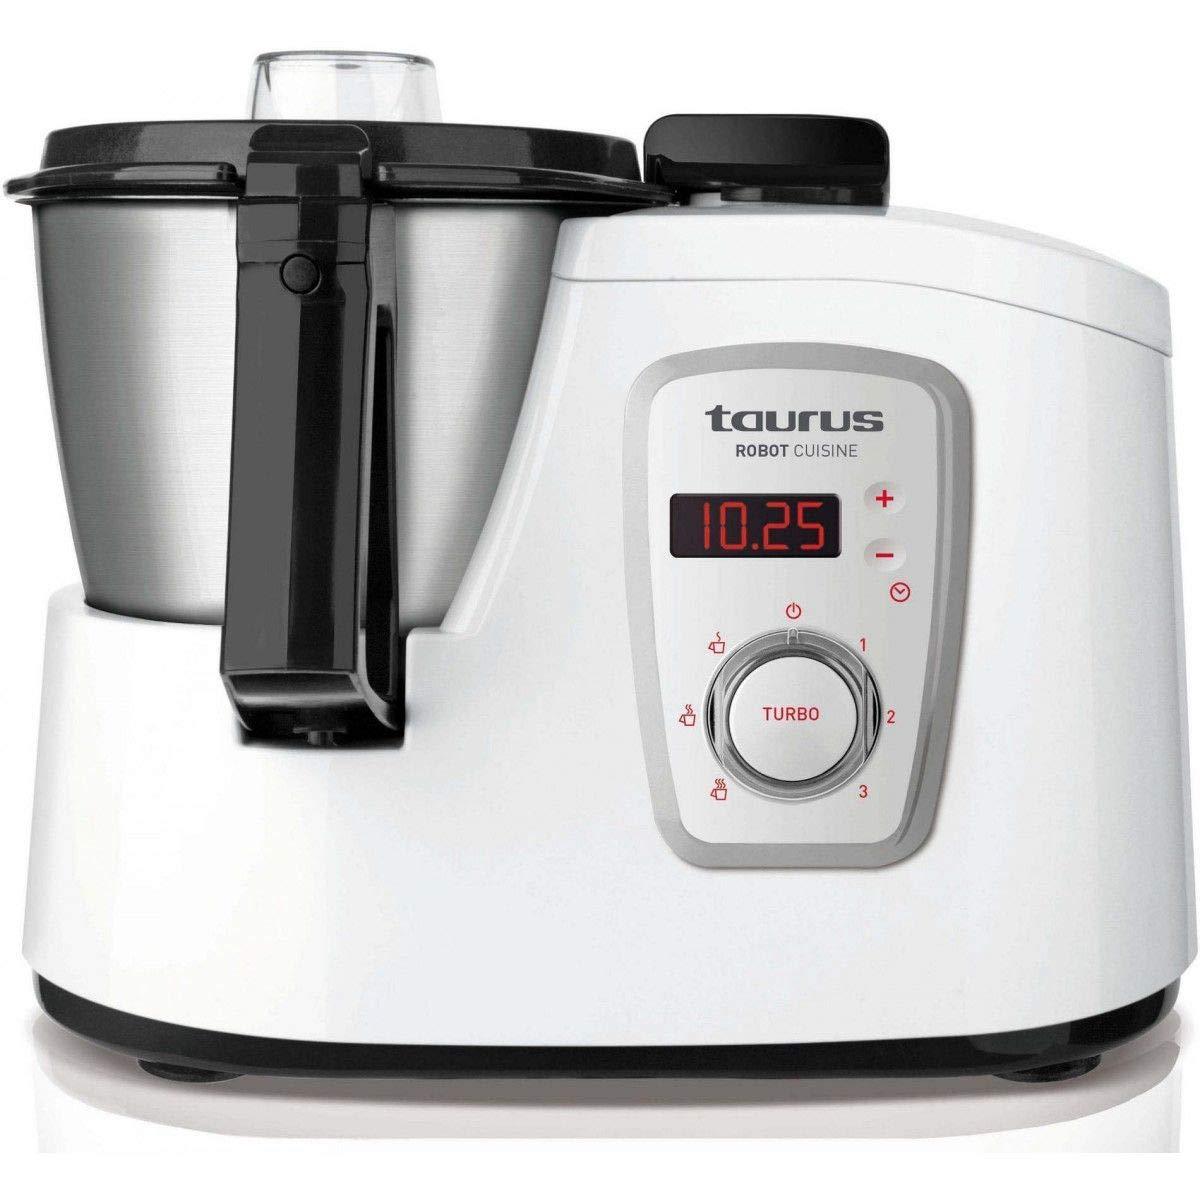 Taurus Robot Cuisine - Robot 925008 de cocina multifunción, color blanco: Amazon.es: Hogar